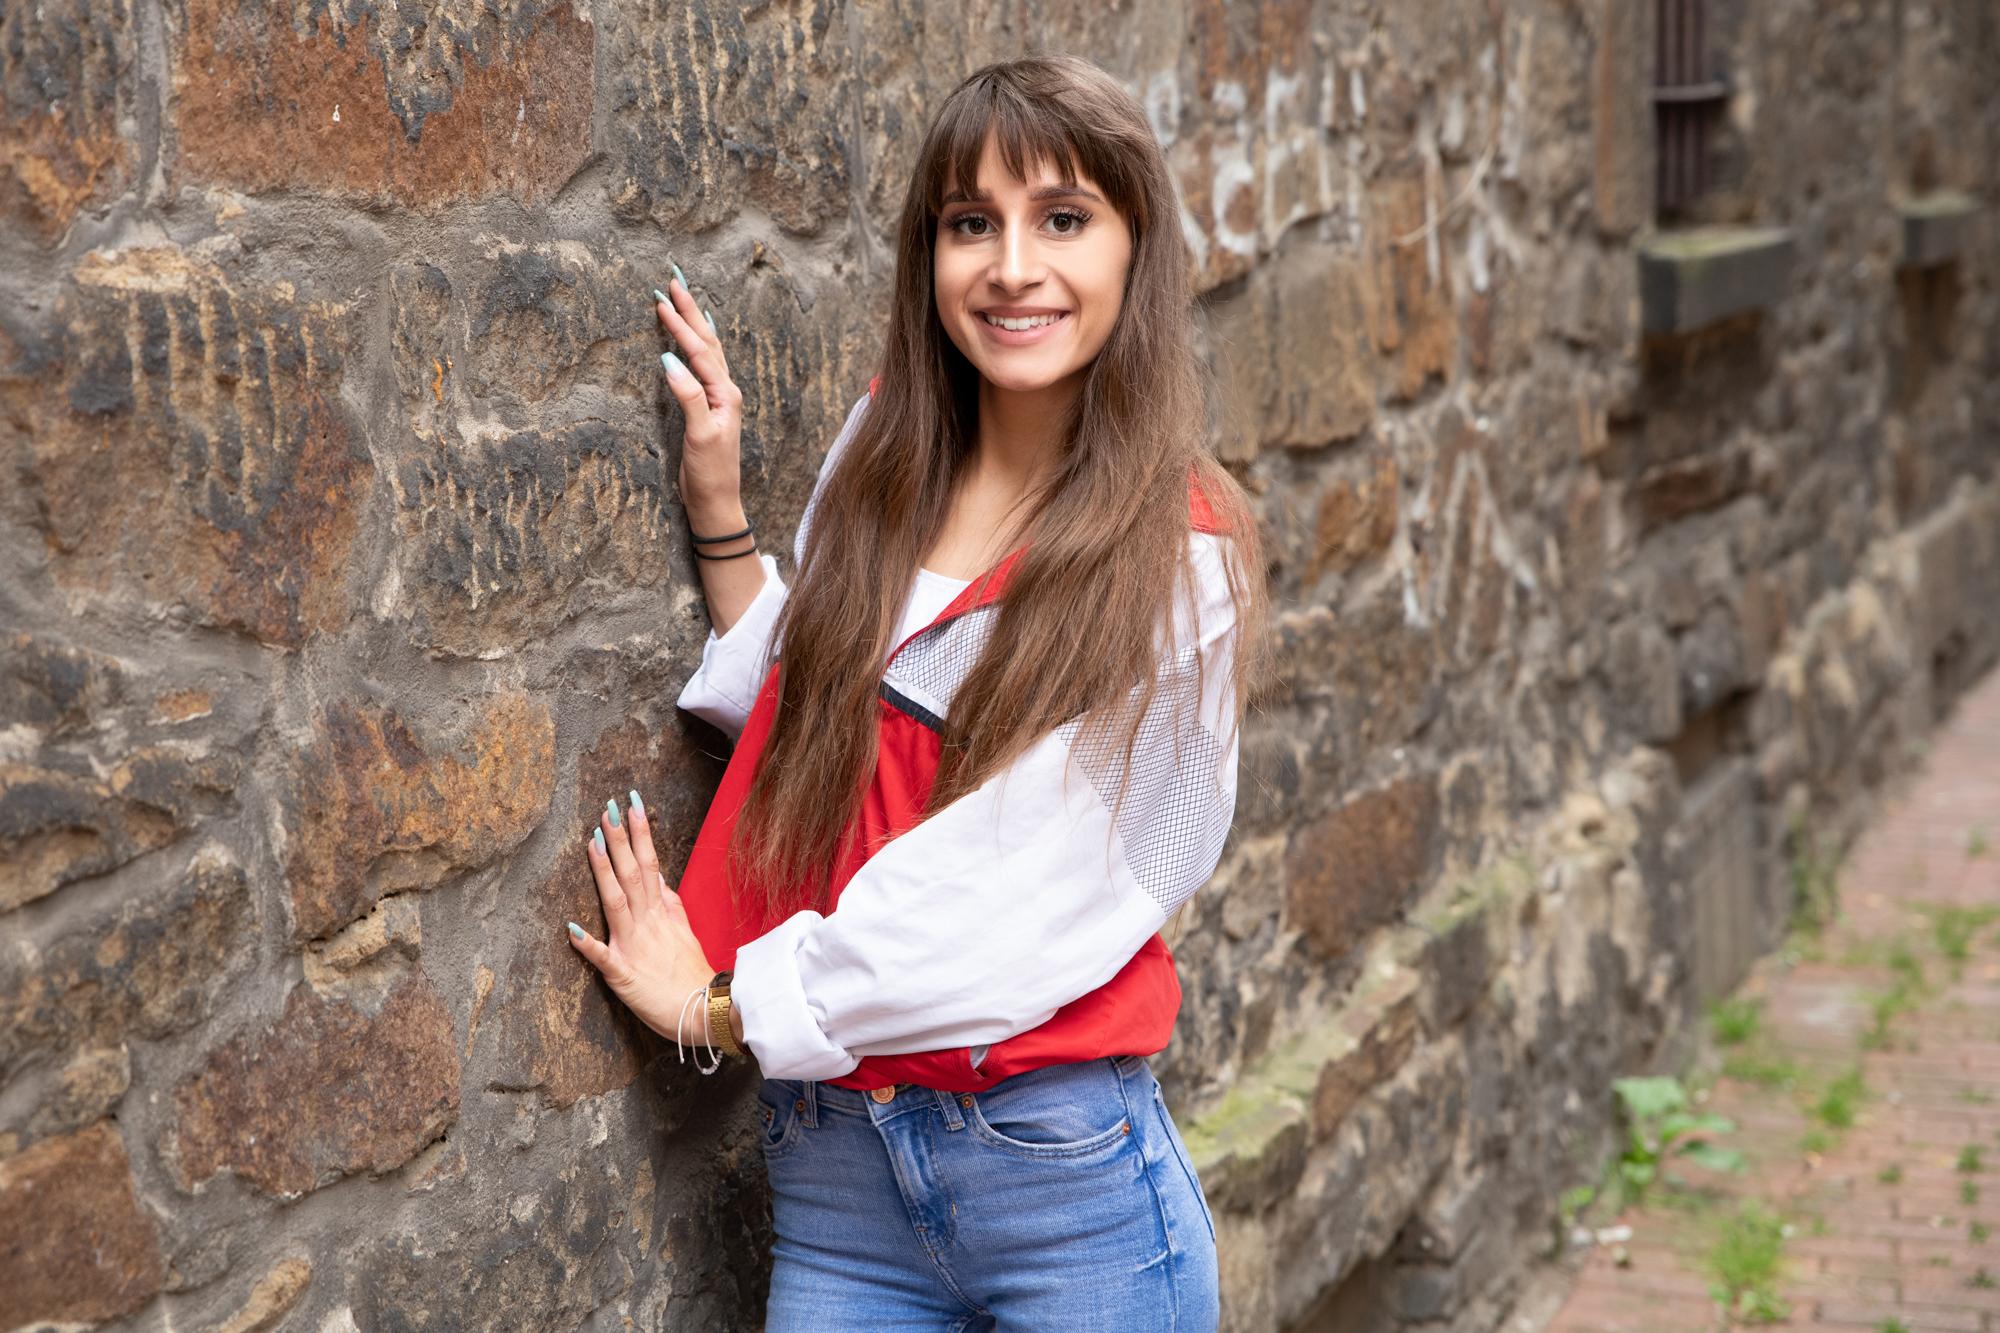 Pia aus Oberhausen/ dortmund Haarfarbe: braun (mittel), Augenfarbe: braun, Größe: 163, Deutsch: 0, Englisch: , Französisch: , Spanisch: